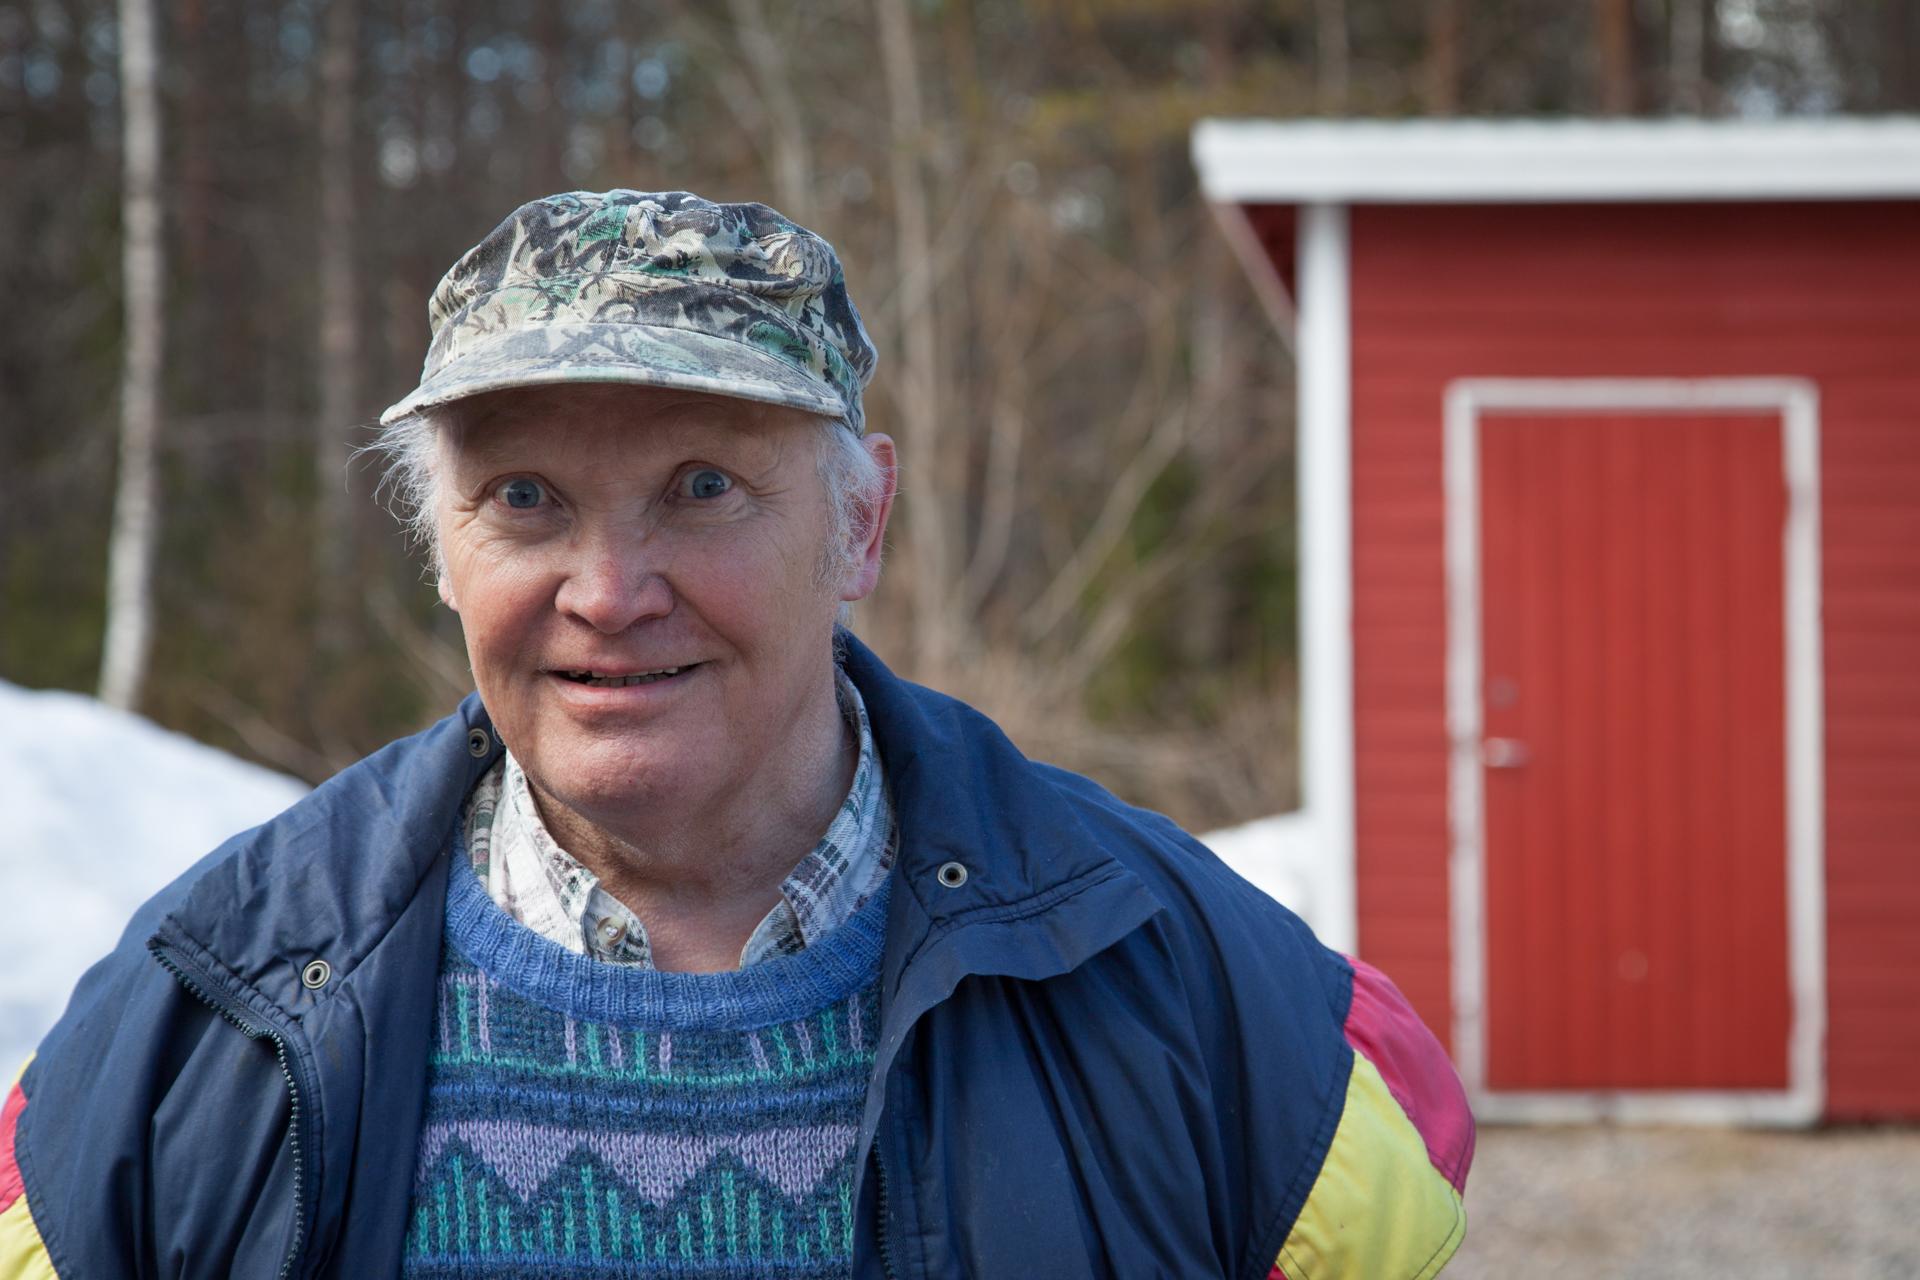 Työuransa muurarina tehnyt Leevi Suonnansalo palasi Etelä-Suomessa vietettyjen vuosien jälkeen takaisin pohjoiseen.